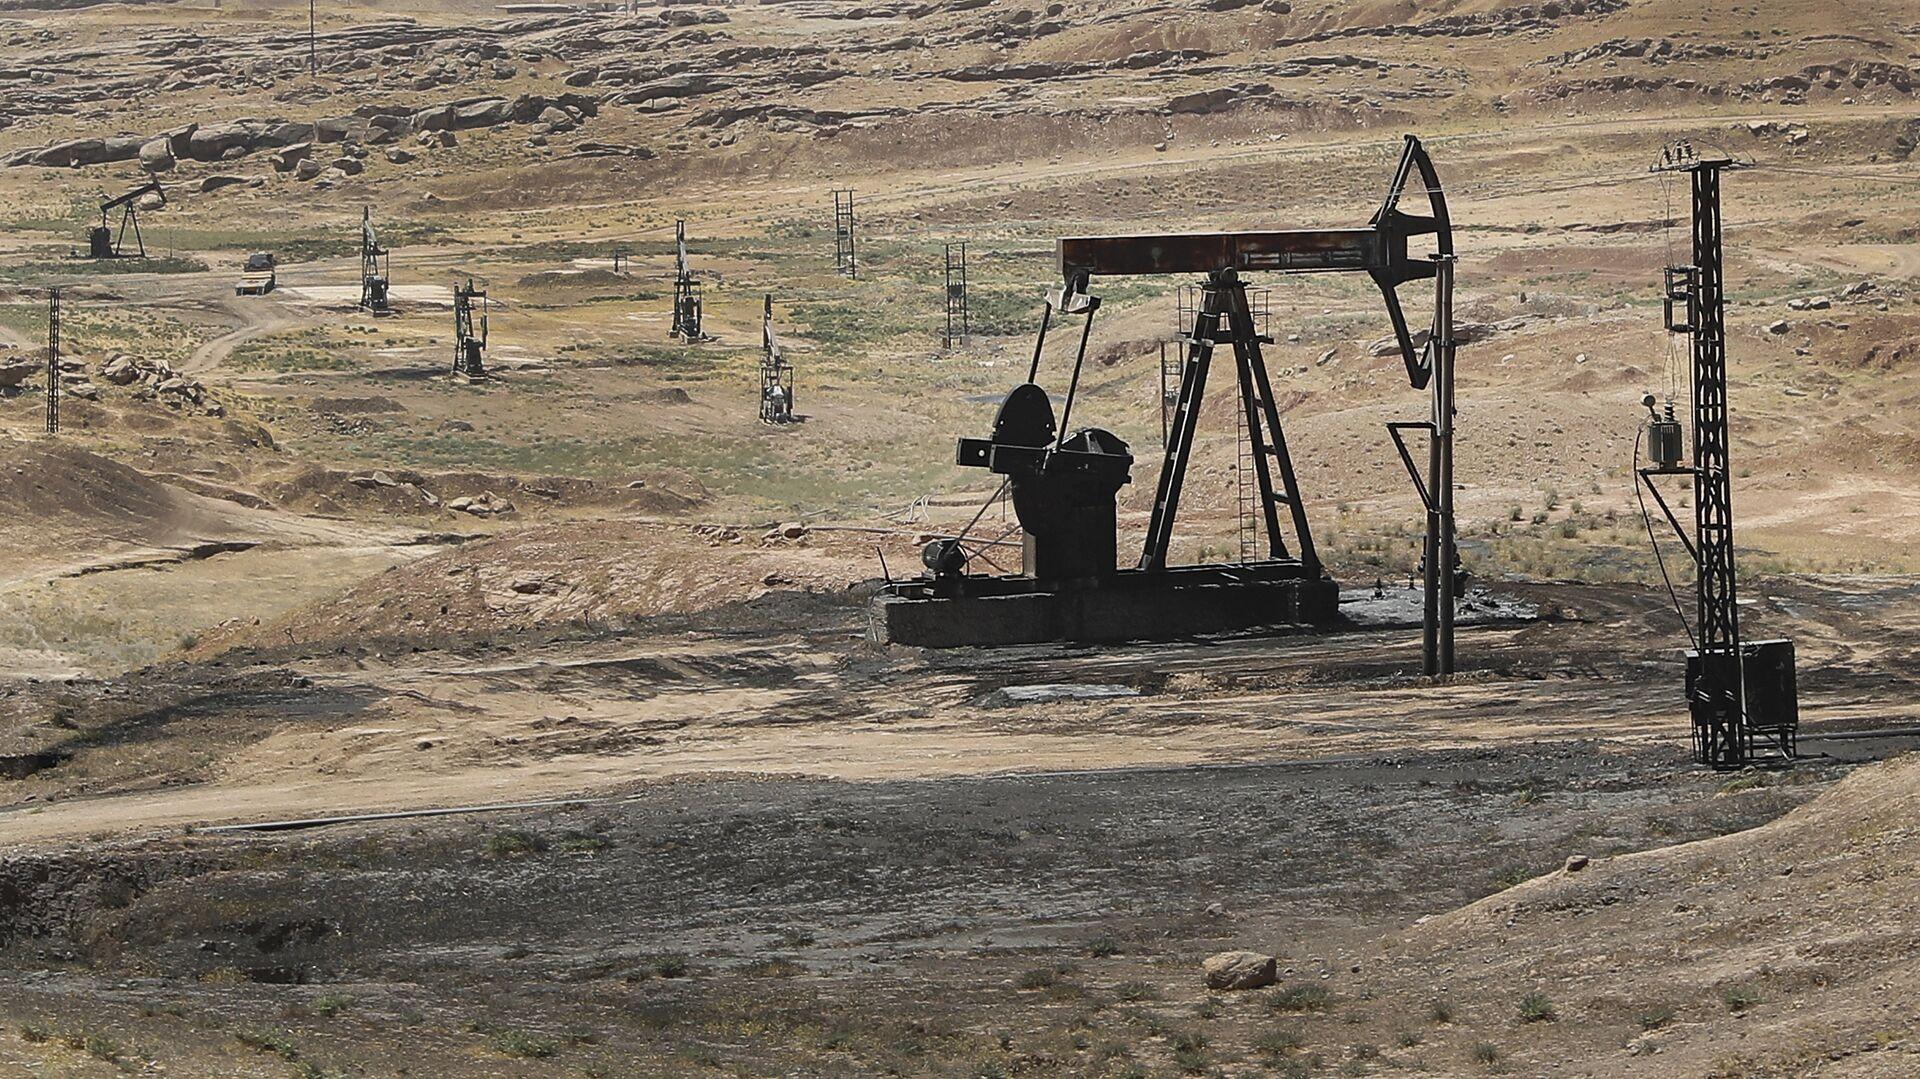 Estrazione di petrolio in Siria - Sputnik Italia, 1920, 19.05.2021